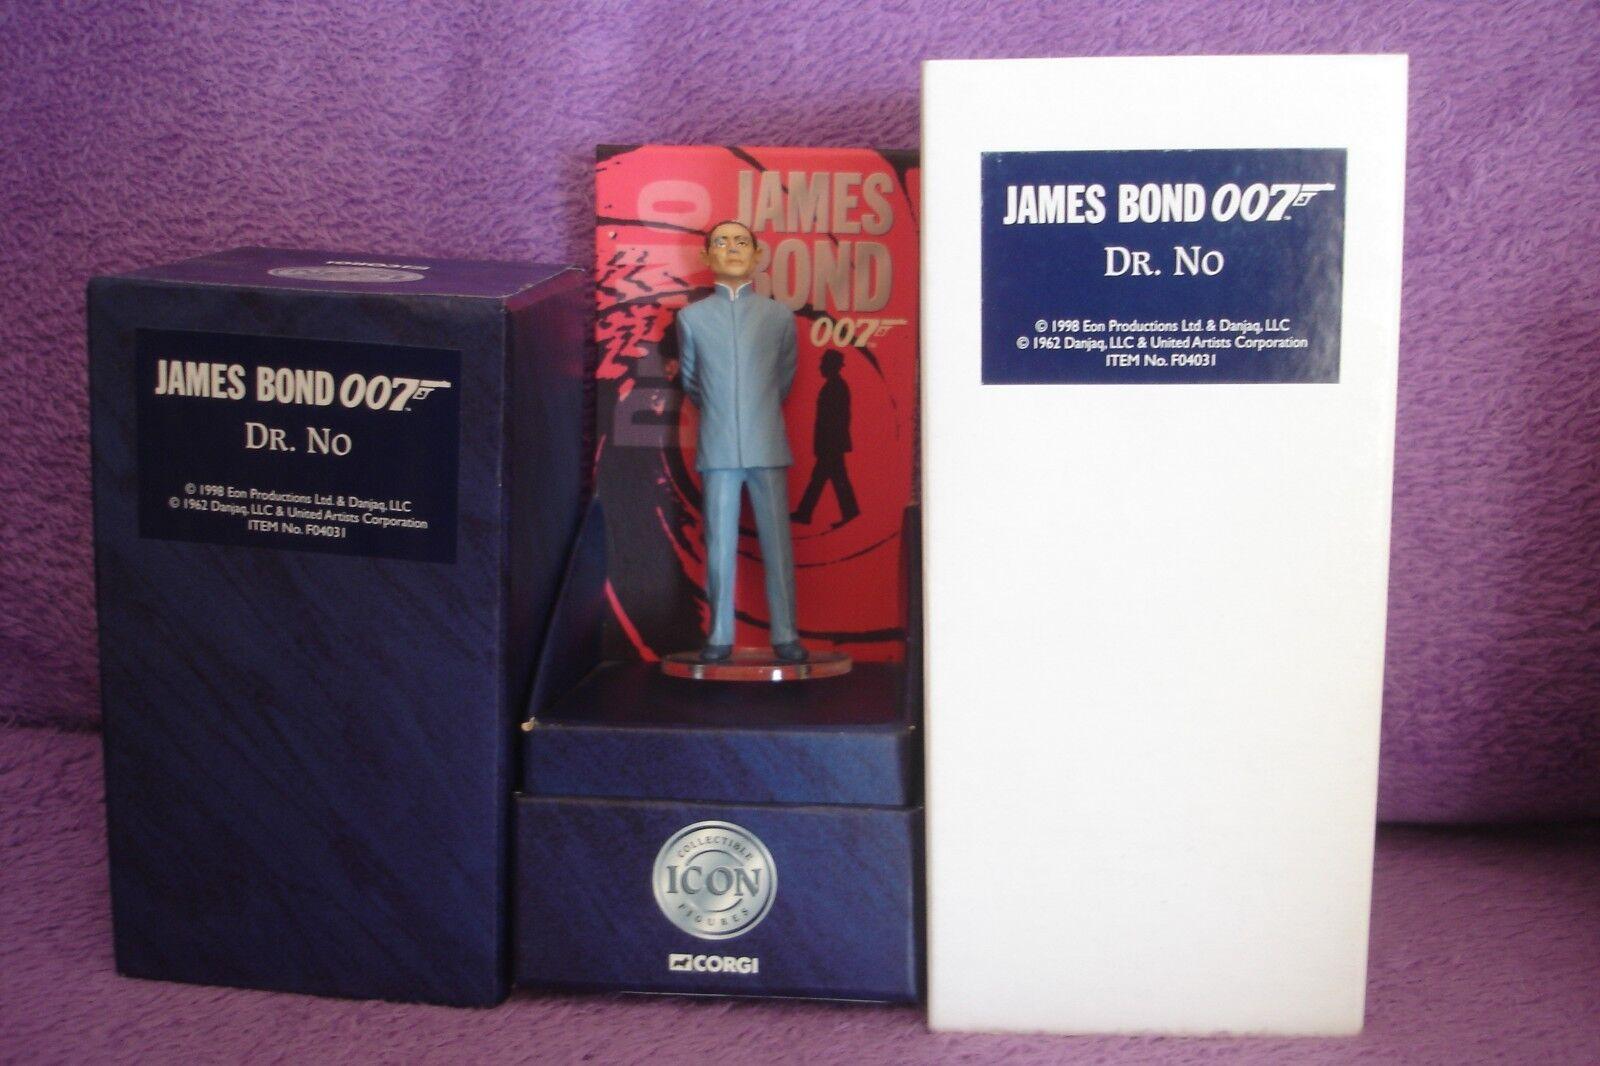 CORGI icona James Bond 007 1st Edizione in Scatola Figura DR NO   F04031 c1998